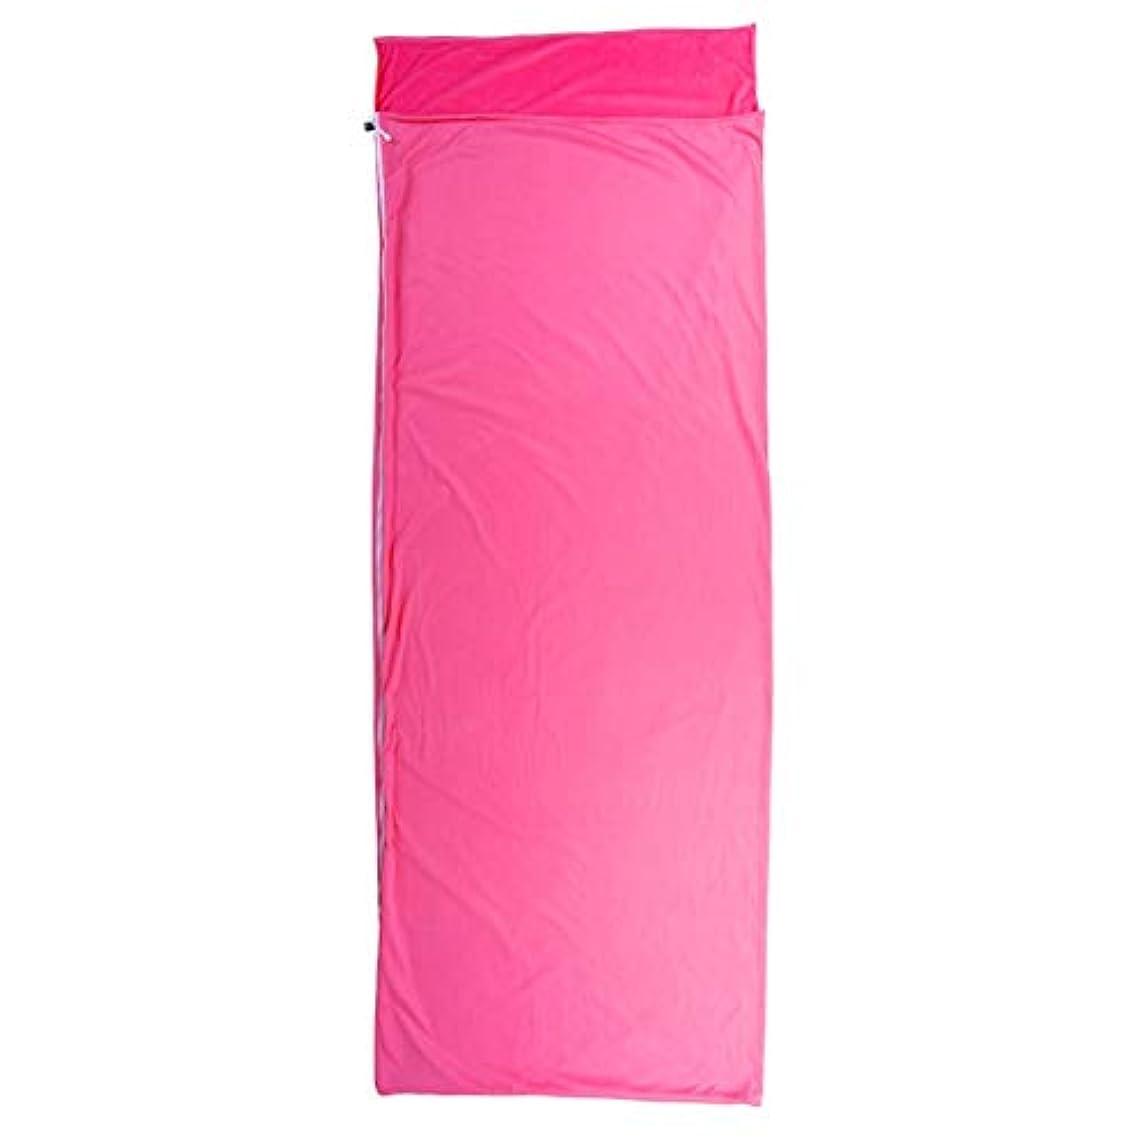 耐える指紋スタウト寝袋キルト3シーズンキャンプブッシュ屋外屋外 四季寝袋ライナーアウトドア旅行封筒超軽量ポータブル旅行の準備 さまざまな色とサイズで利用可能 (色 : ピンク)